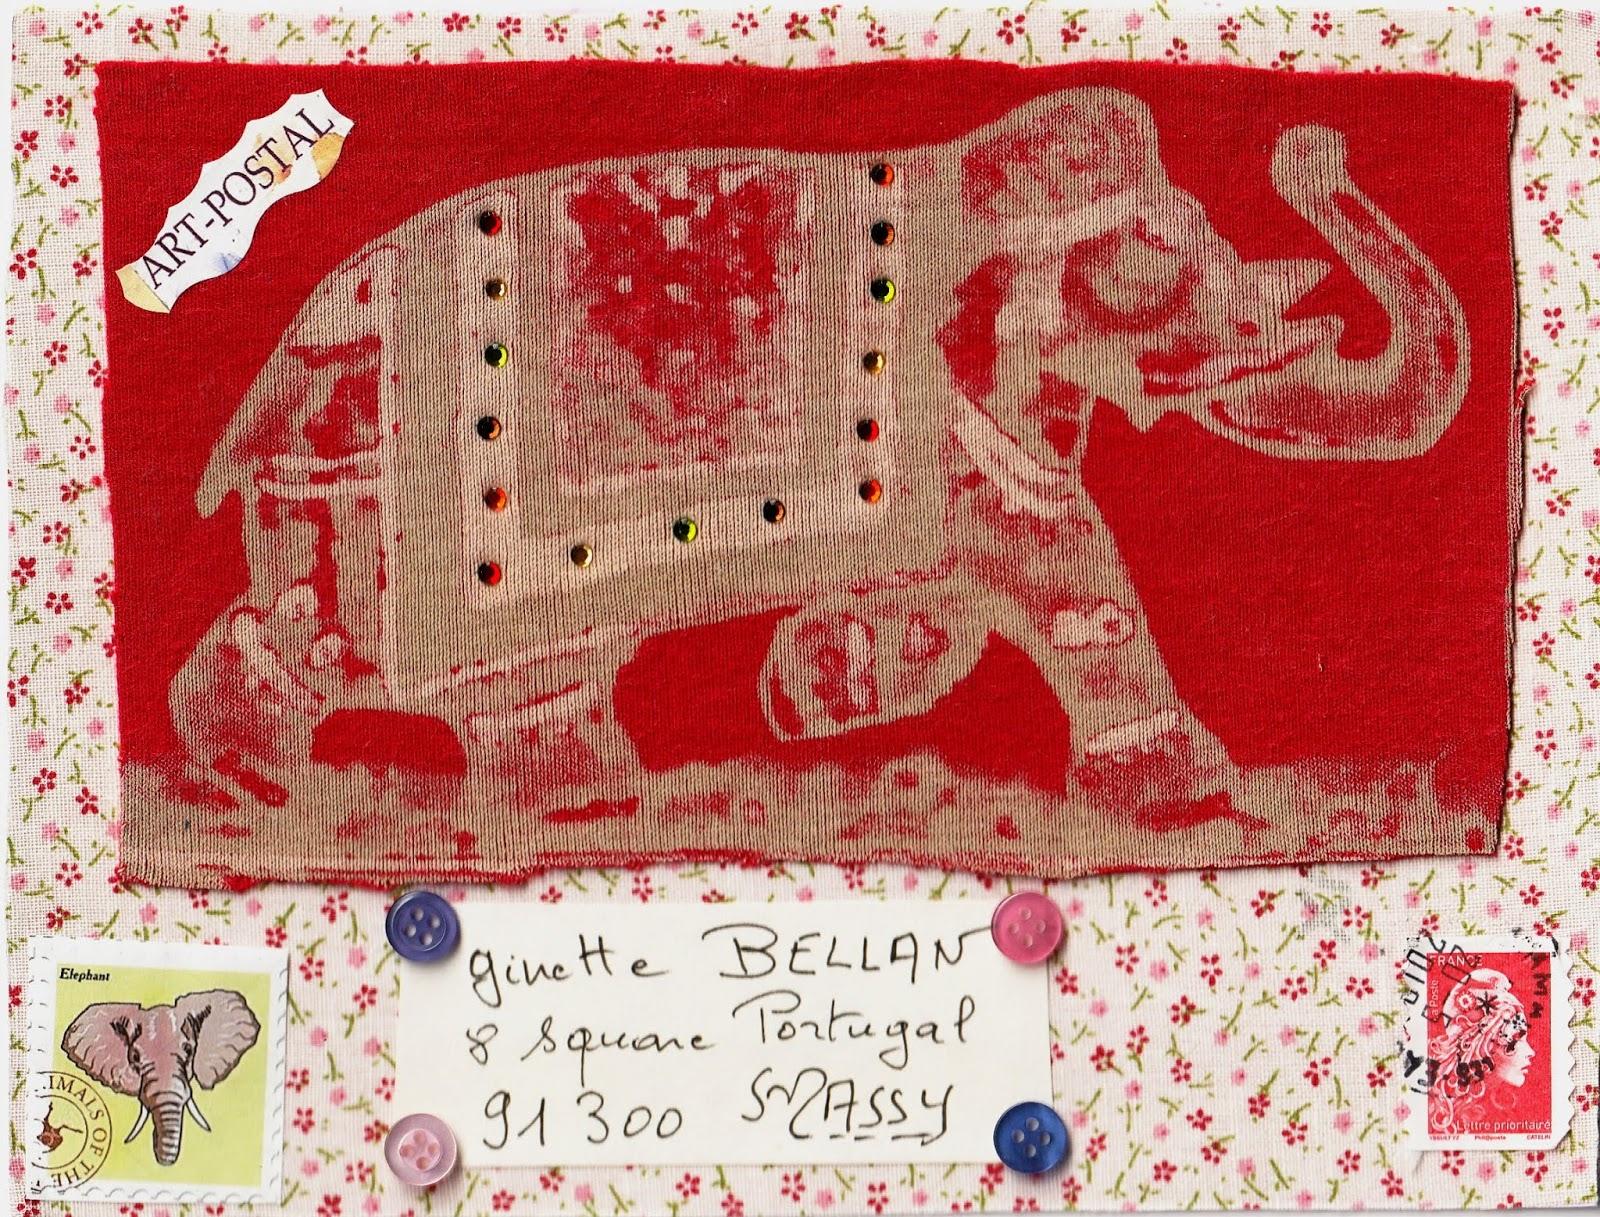 75b15b620fba61 Thérèse a fait très fort avec sa carte intégralement textile, où sur un  tissu semé de fleurettes se détache sur fond rouge un bel éléphant d'Asie,  ...